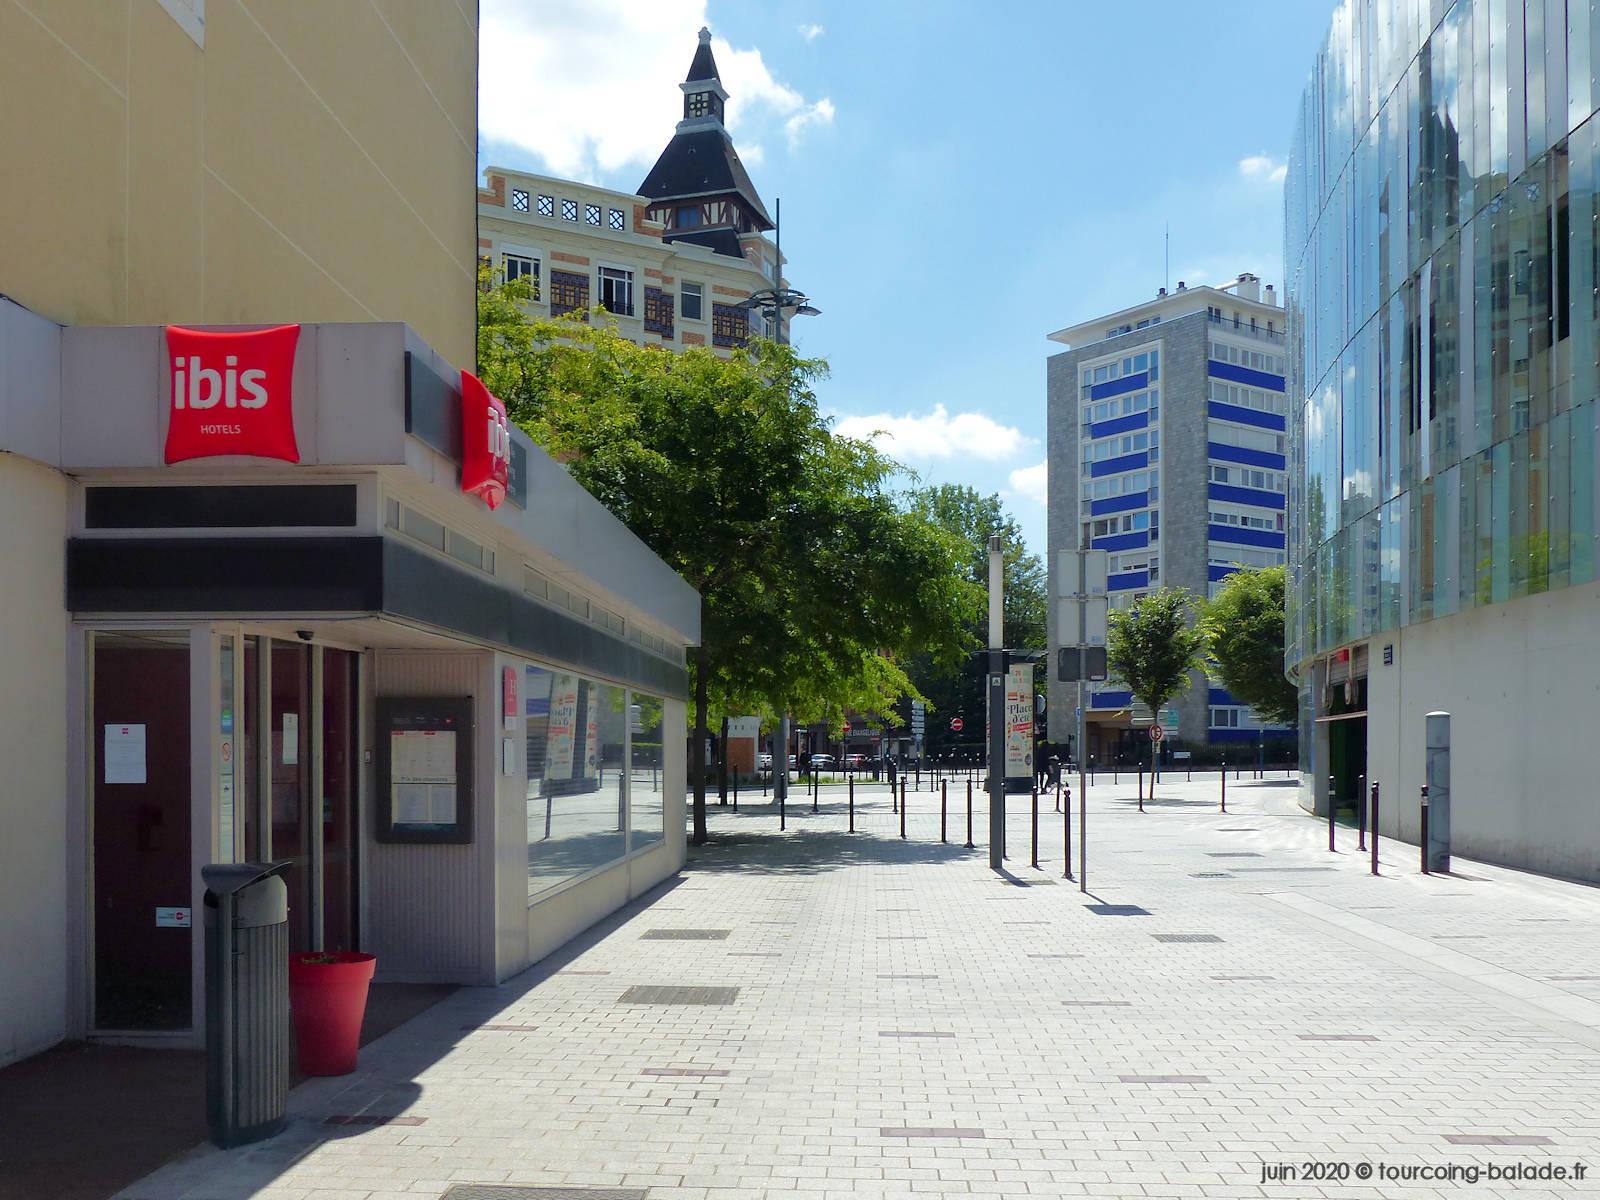 Entrée Hôtel Ibis, Promenade de la Fraternité, Tourcoing